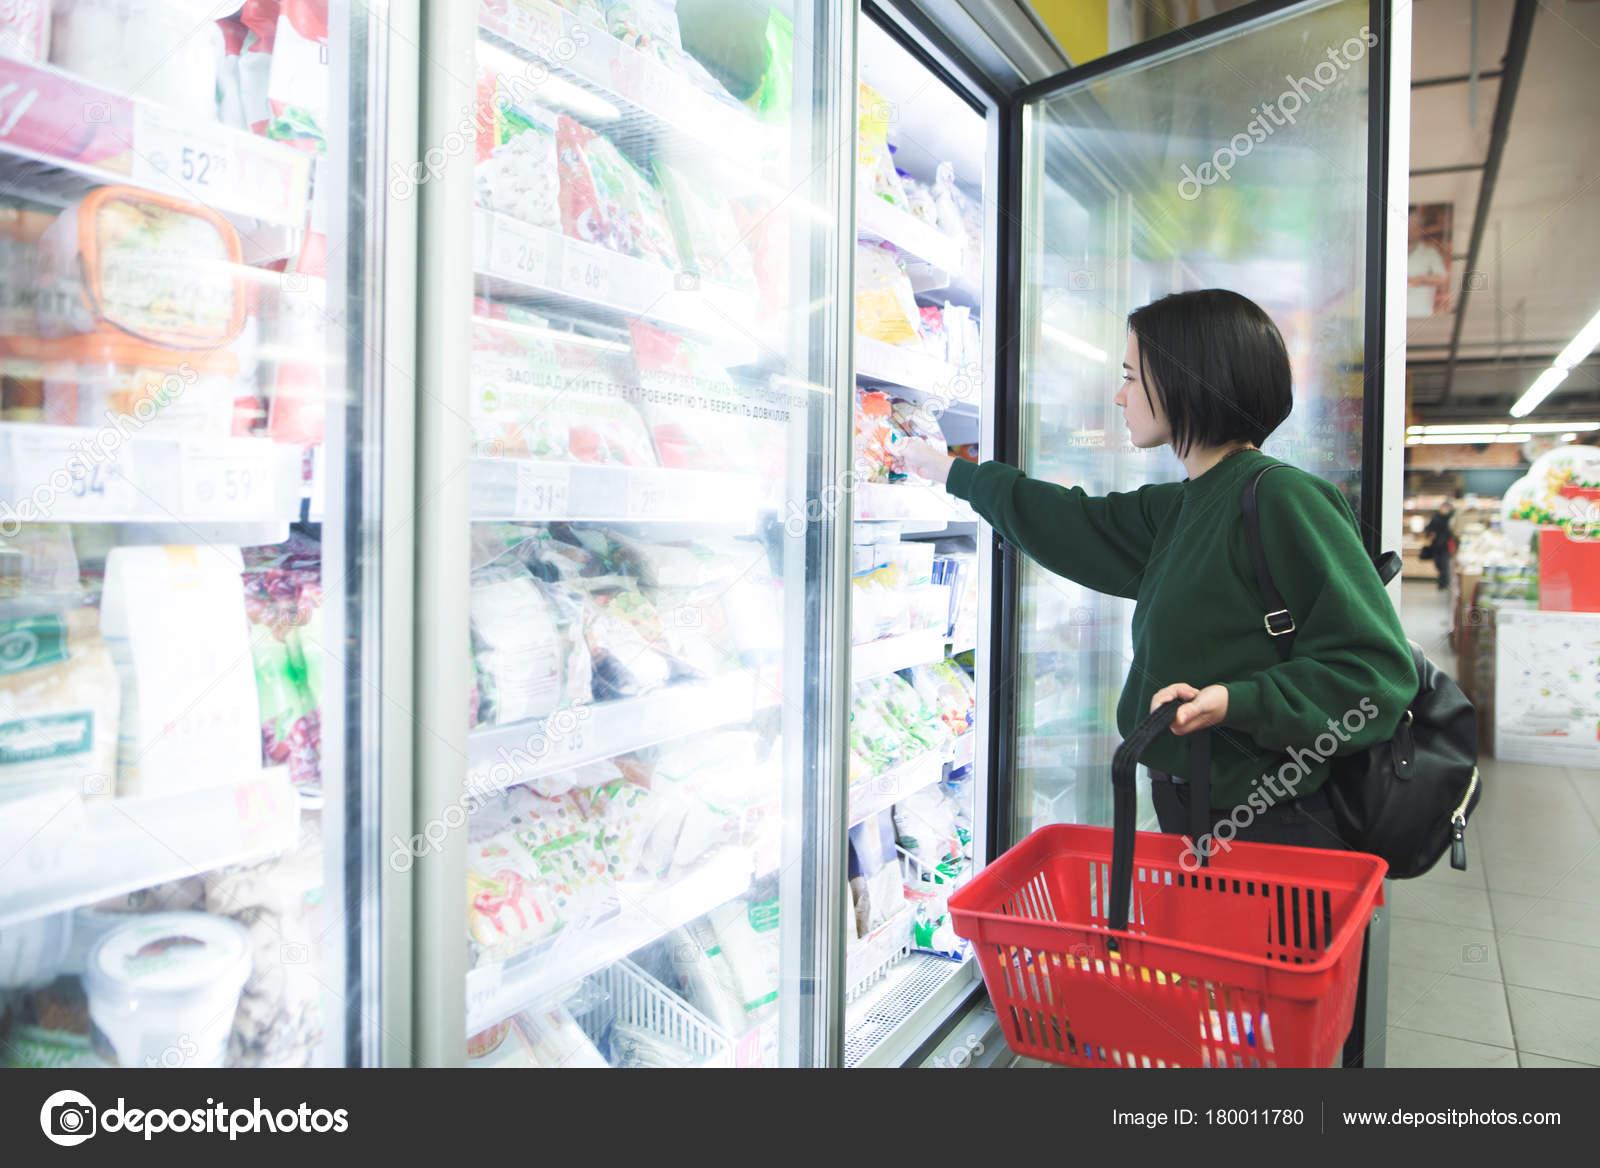 Kühlschrank Korb : Ein mädchen mit einem korb nimmt gefrorene lebensmittel aus dem